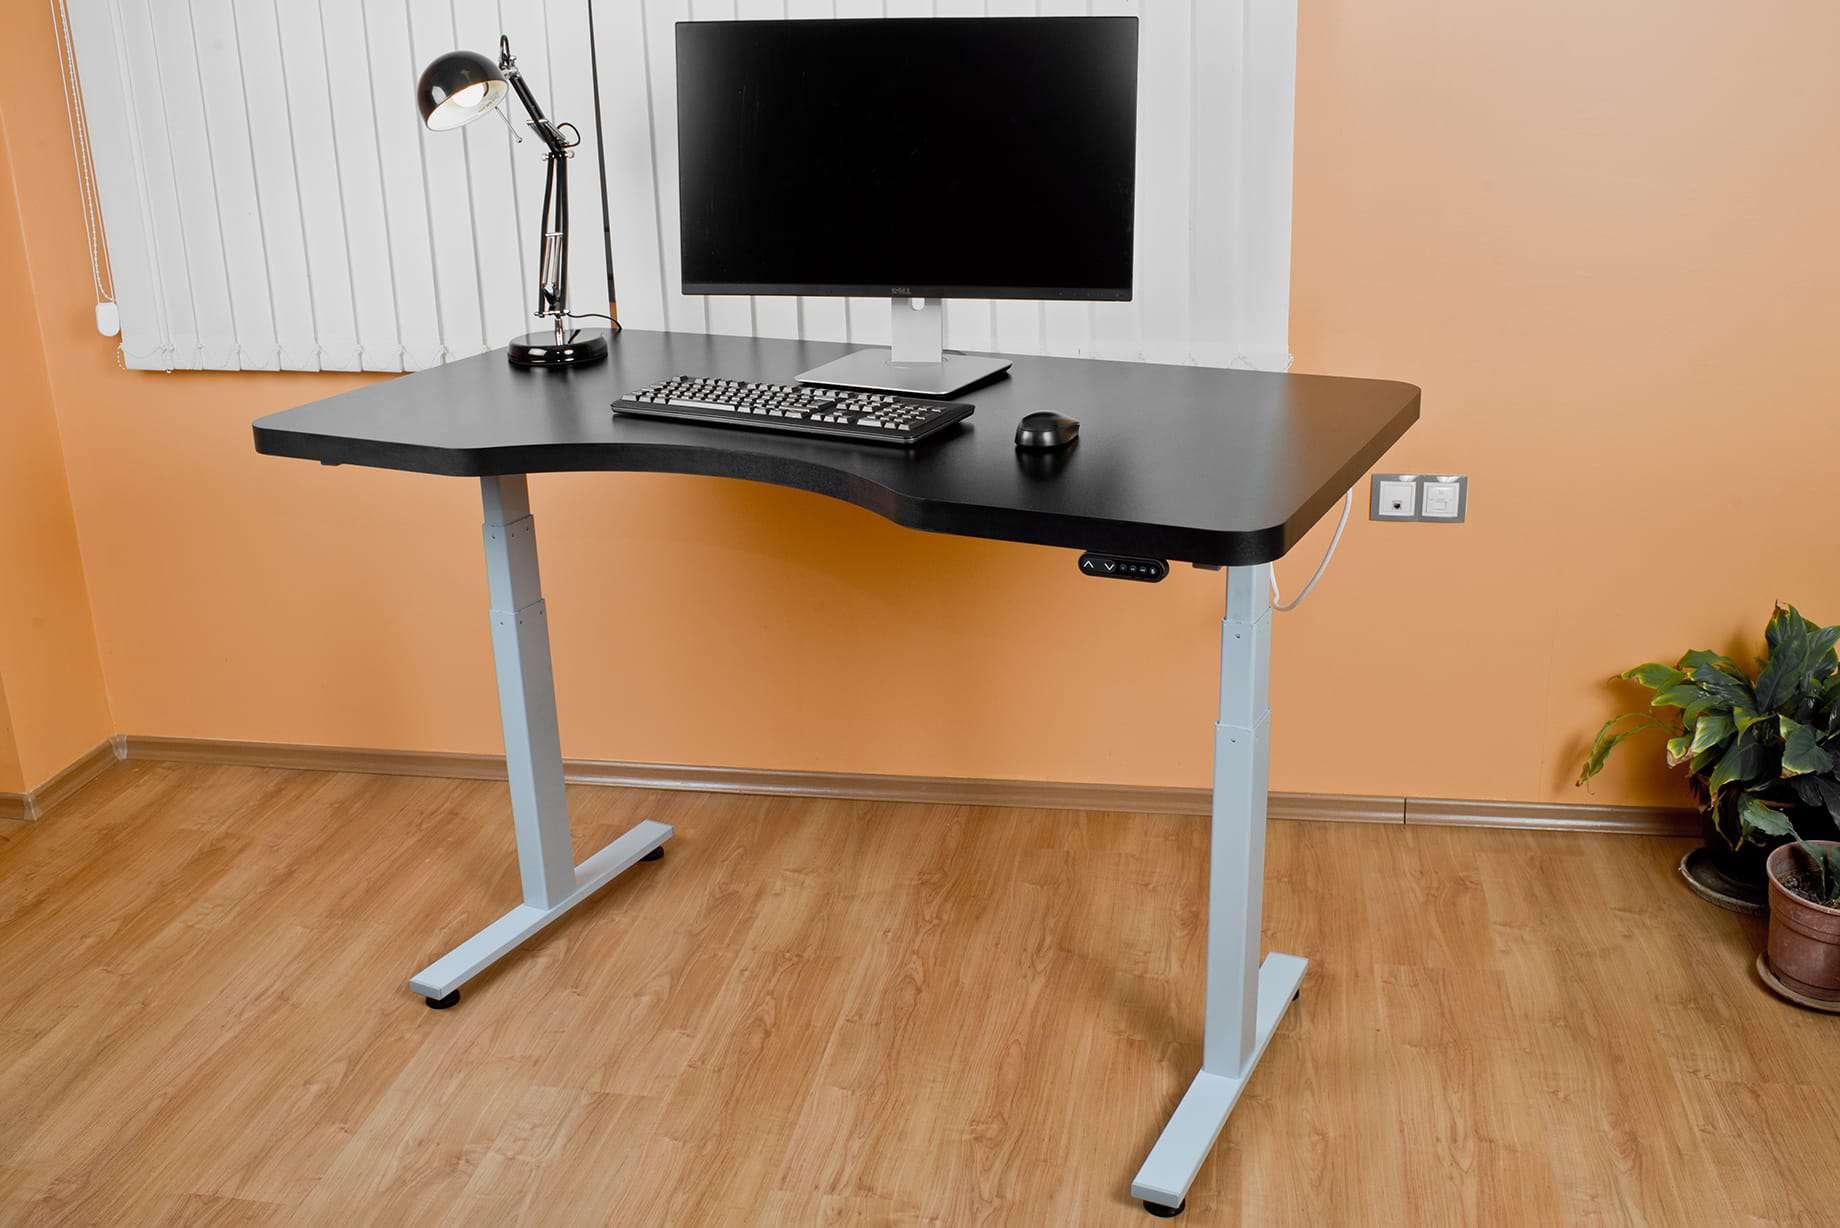 Height adjustable desk BulDesk Pro whit grey base and black worktop